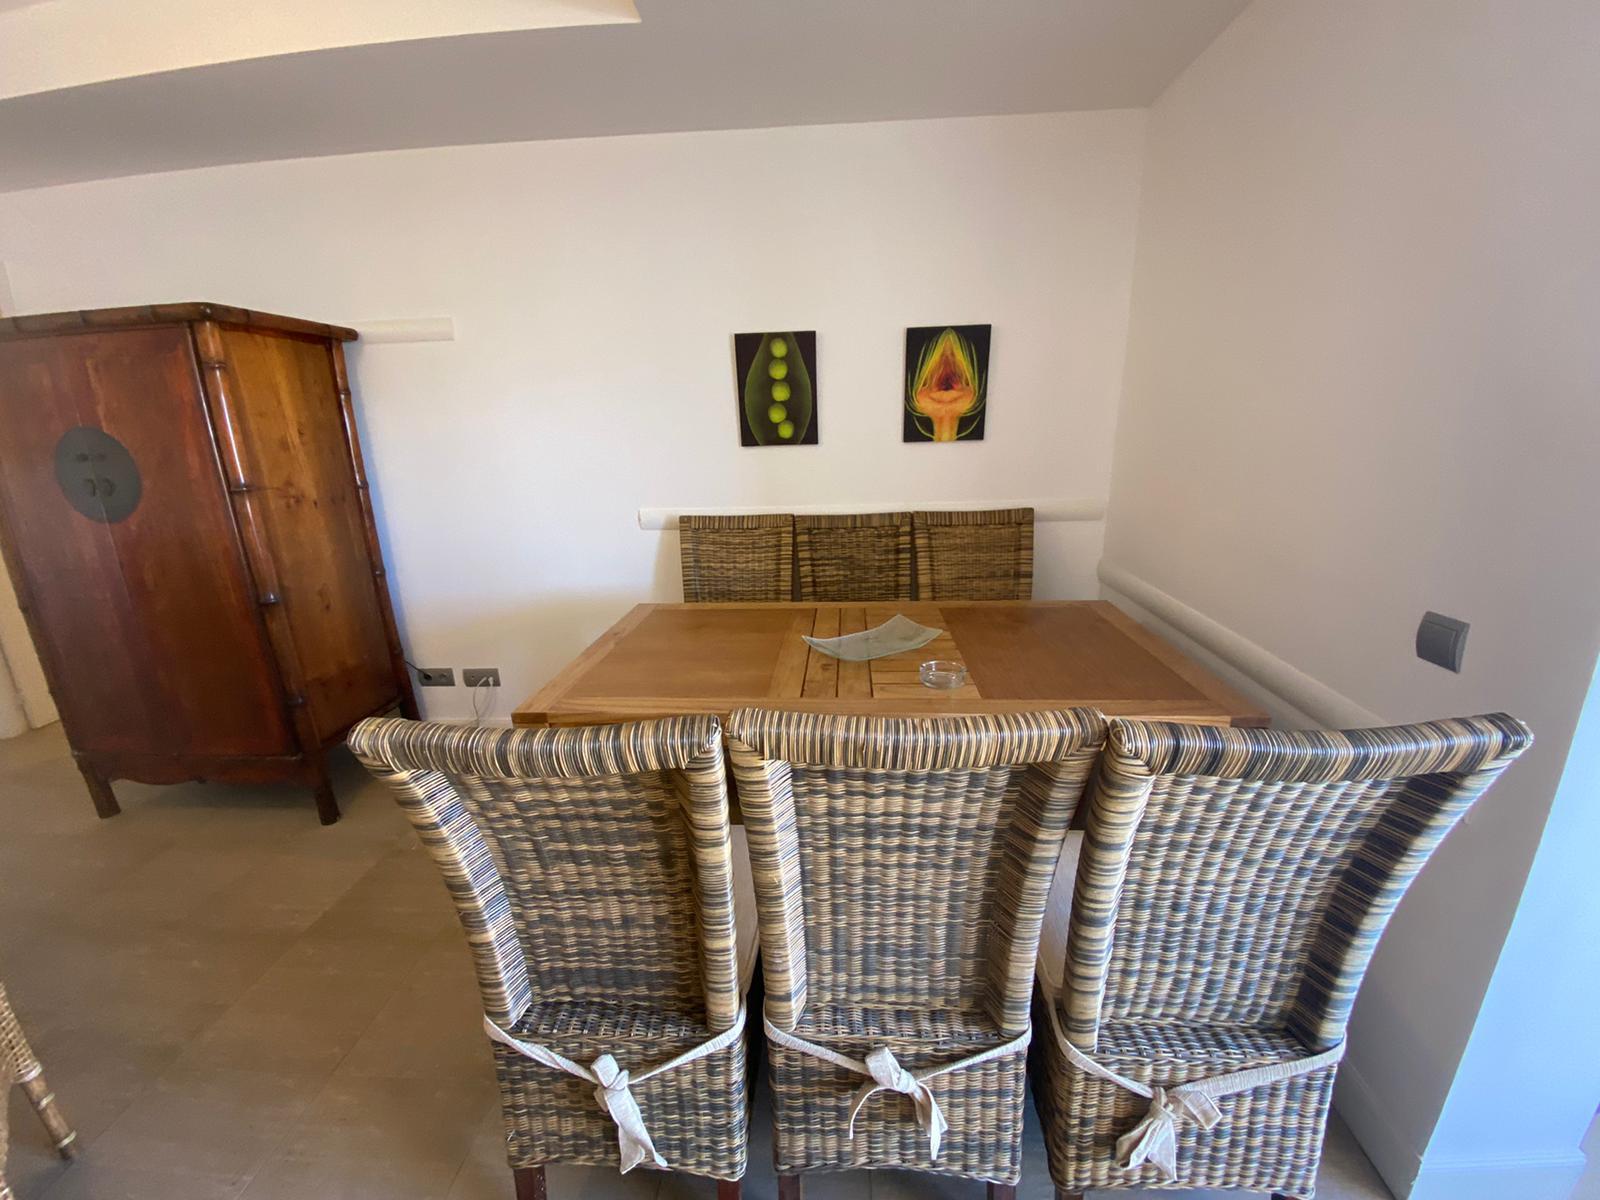 Imagen 3 del Apartamento Turístico, Ático 8 Poniente (3d+2b), Punta del Moral (HUELVA), Paseo de la Cruz nº22